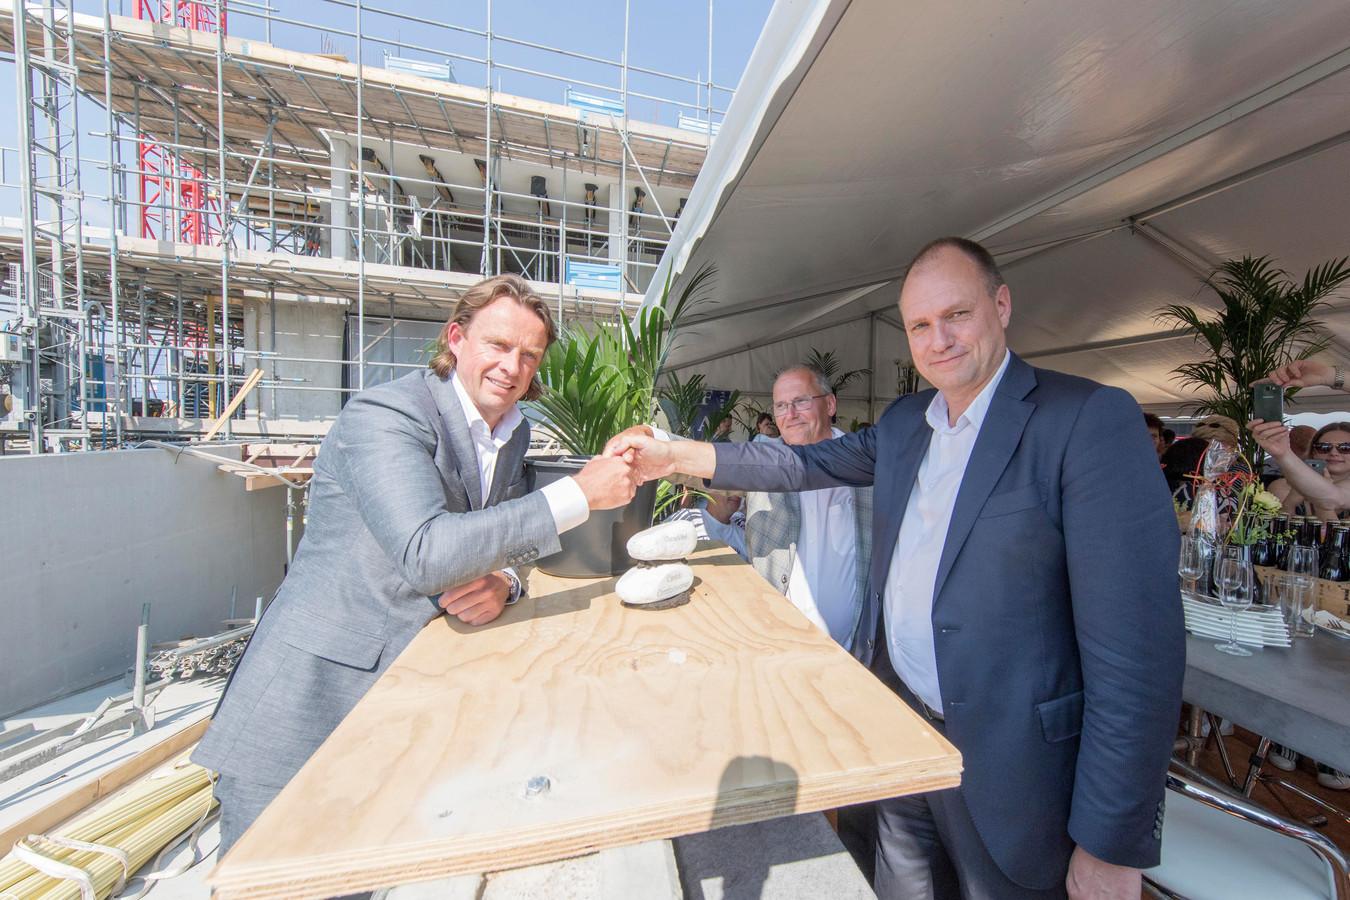 Sven Lavrysen van Carédo, Paul Witteman van adviesbureau Inocare en wethouder Kees Verburg